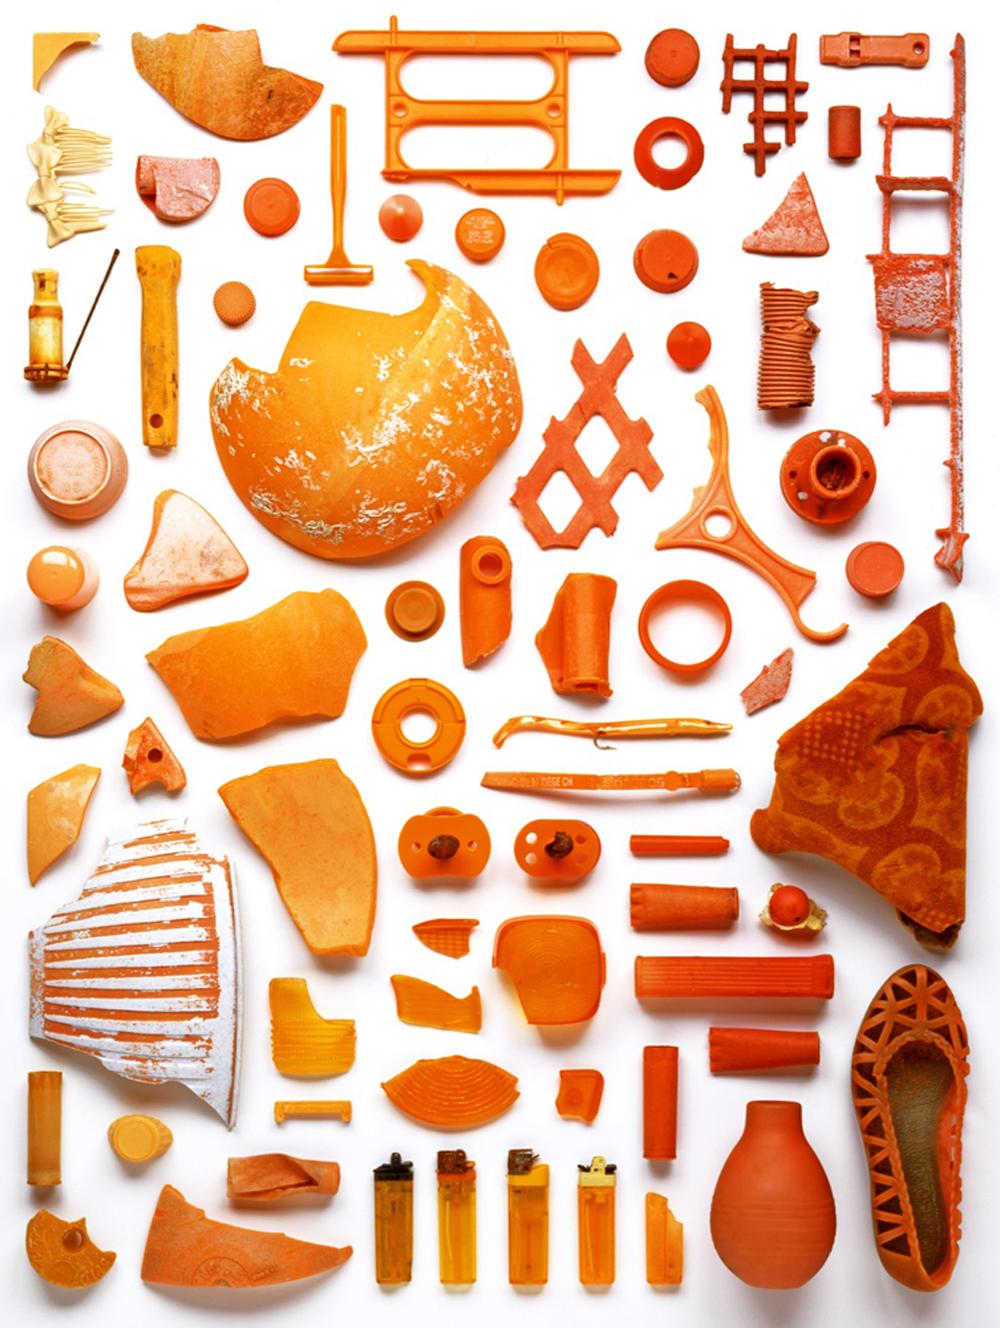 dung-orange-landscape